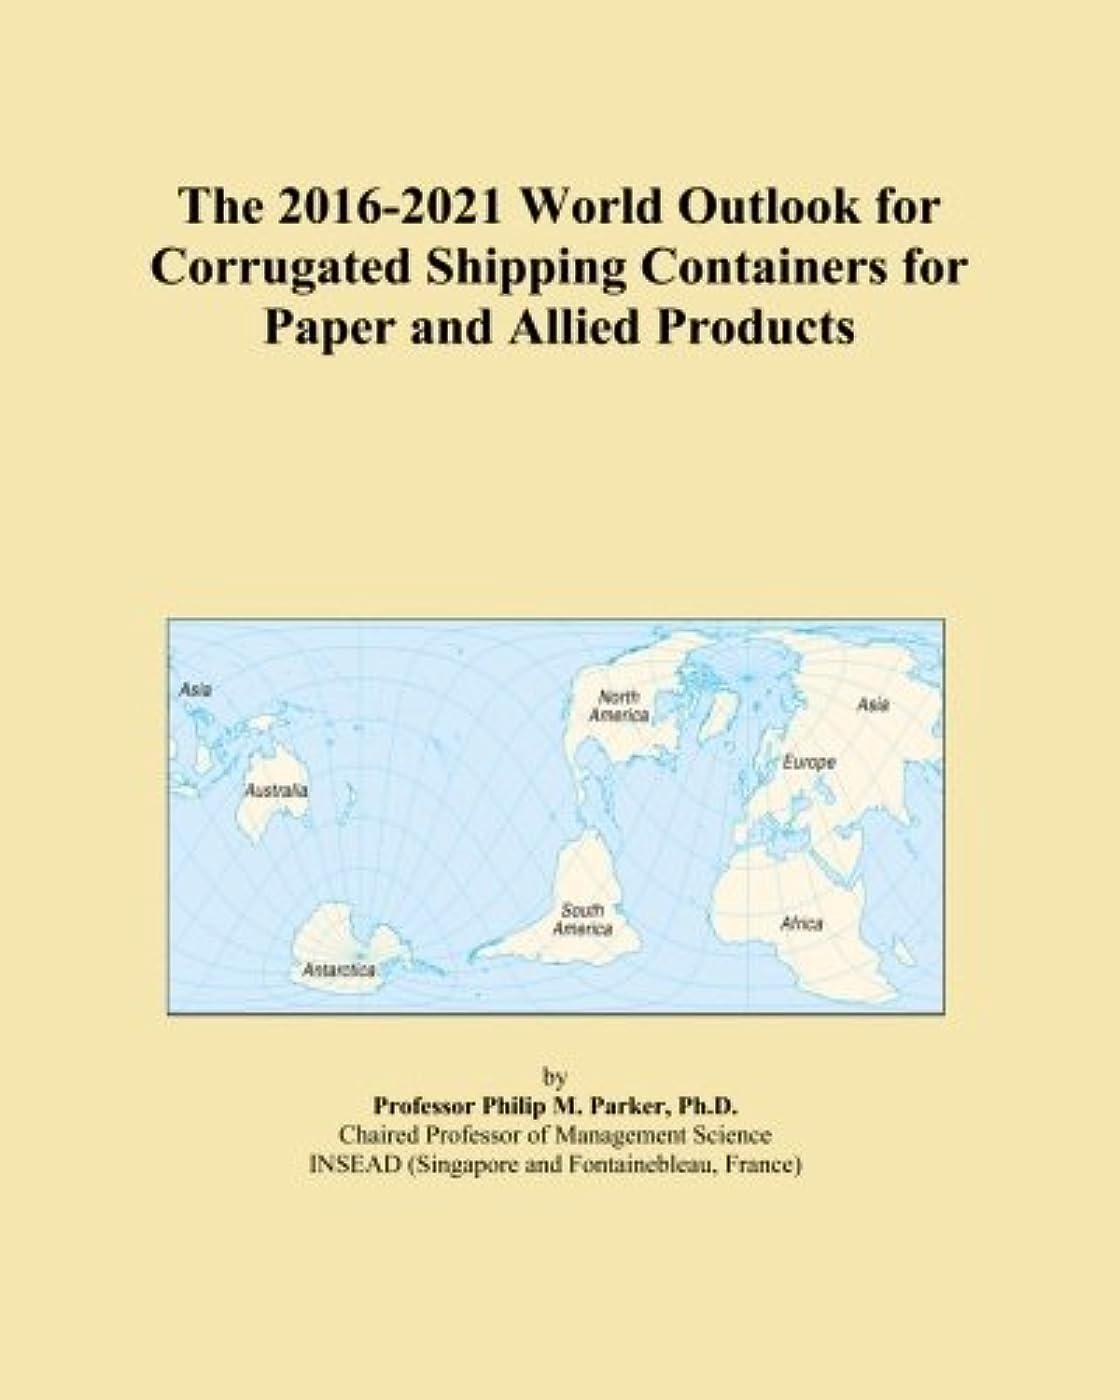 オフェンスクリケット奨学金The 2016-2021 World Outlook for Corrugated Shipping Containers for Paper and Allied Products